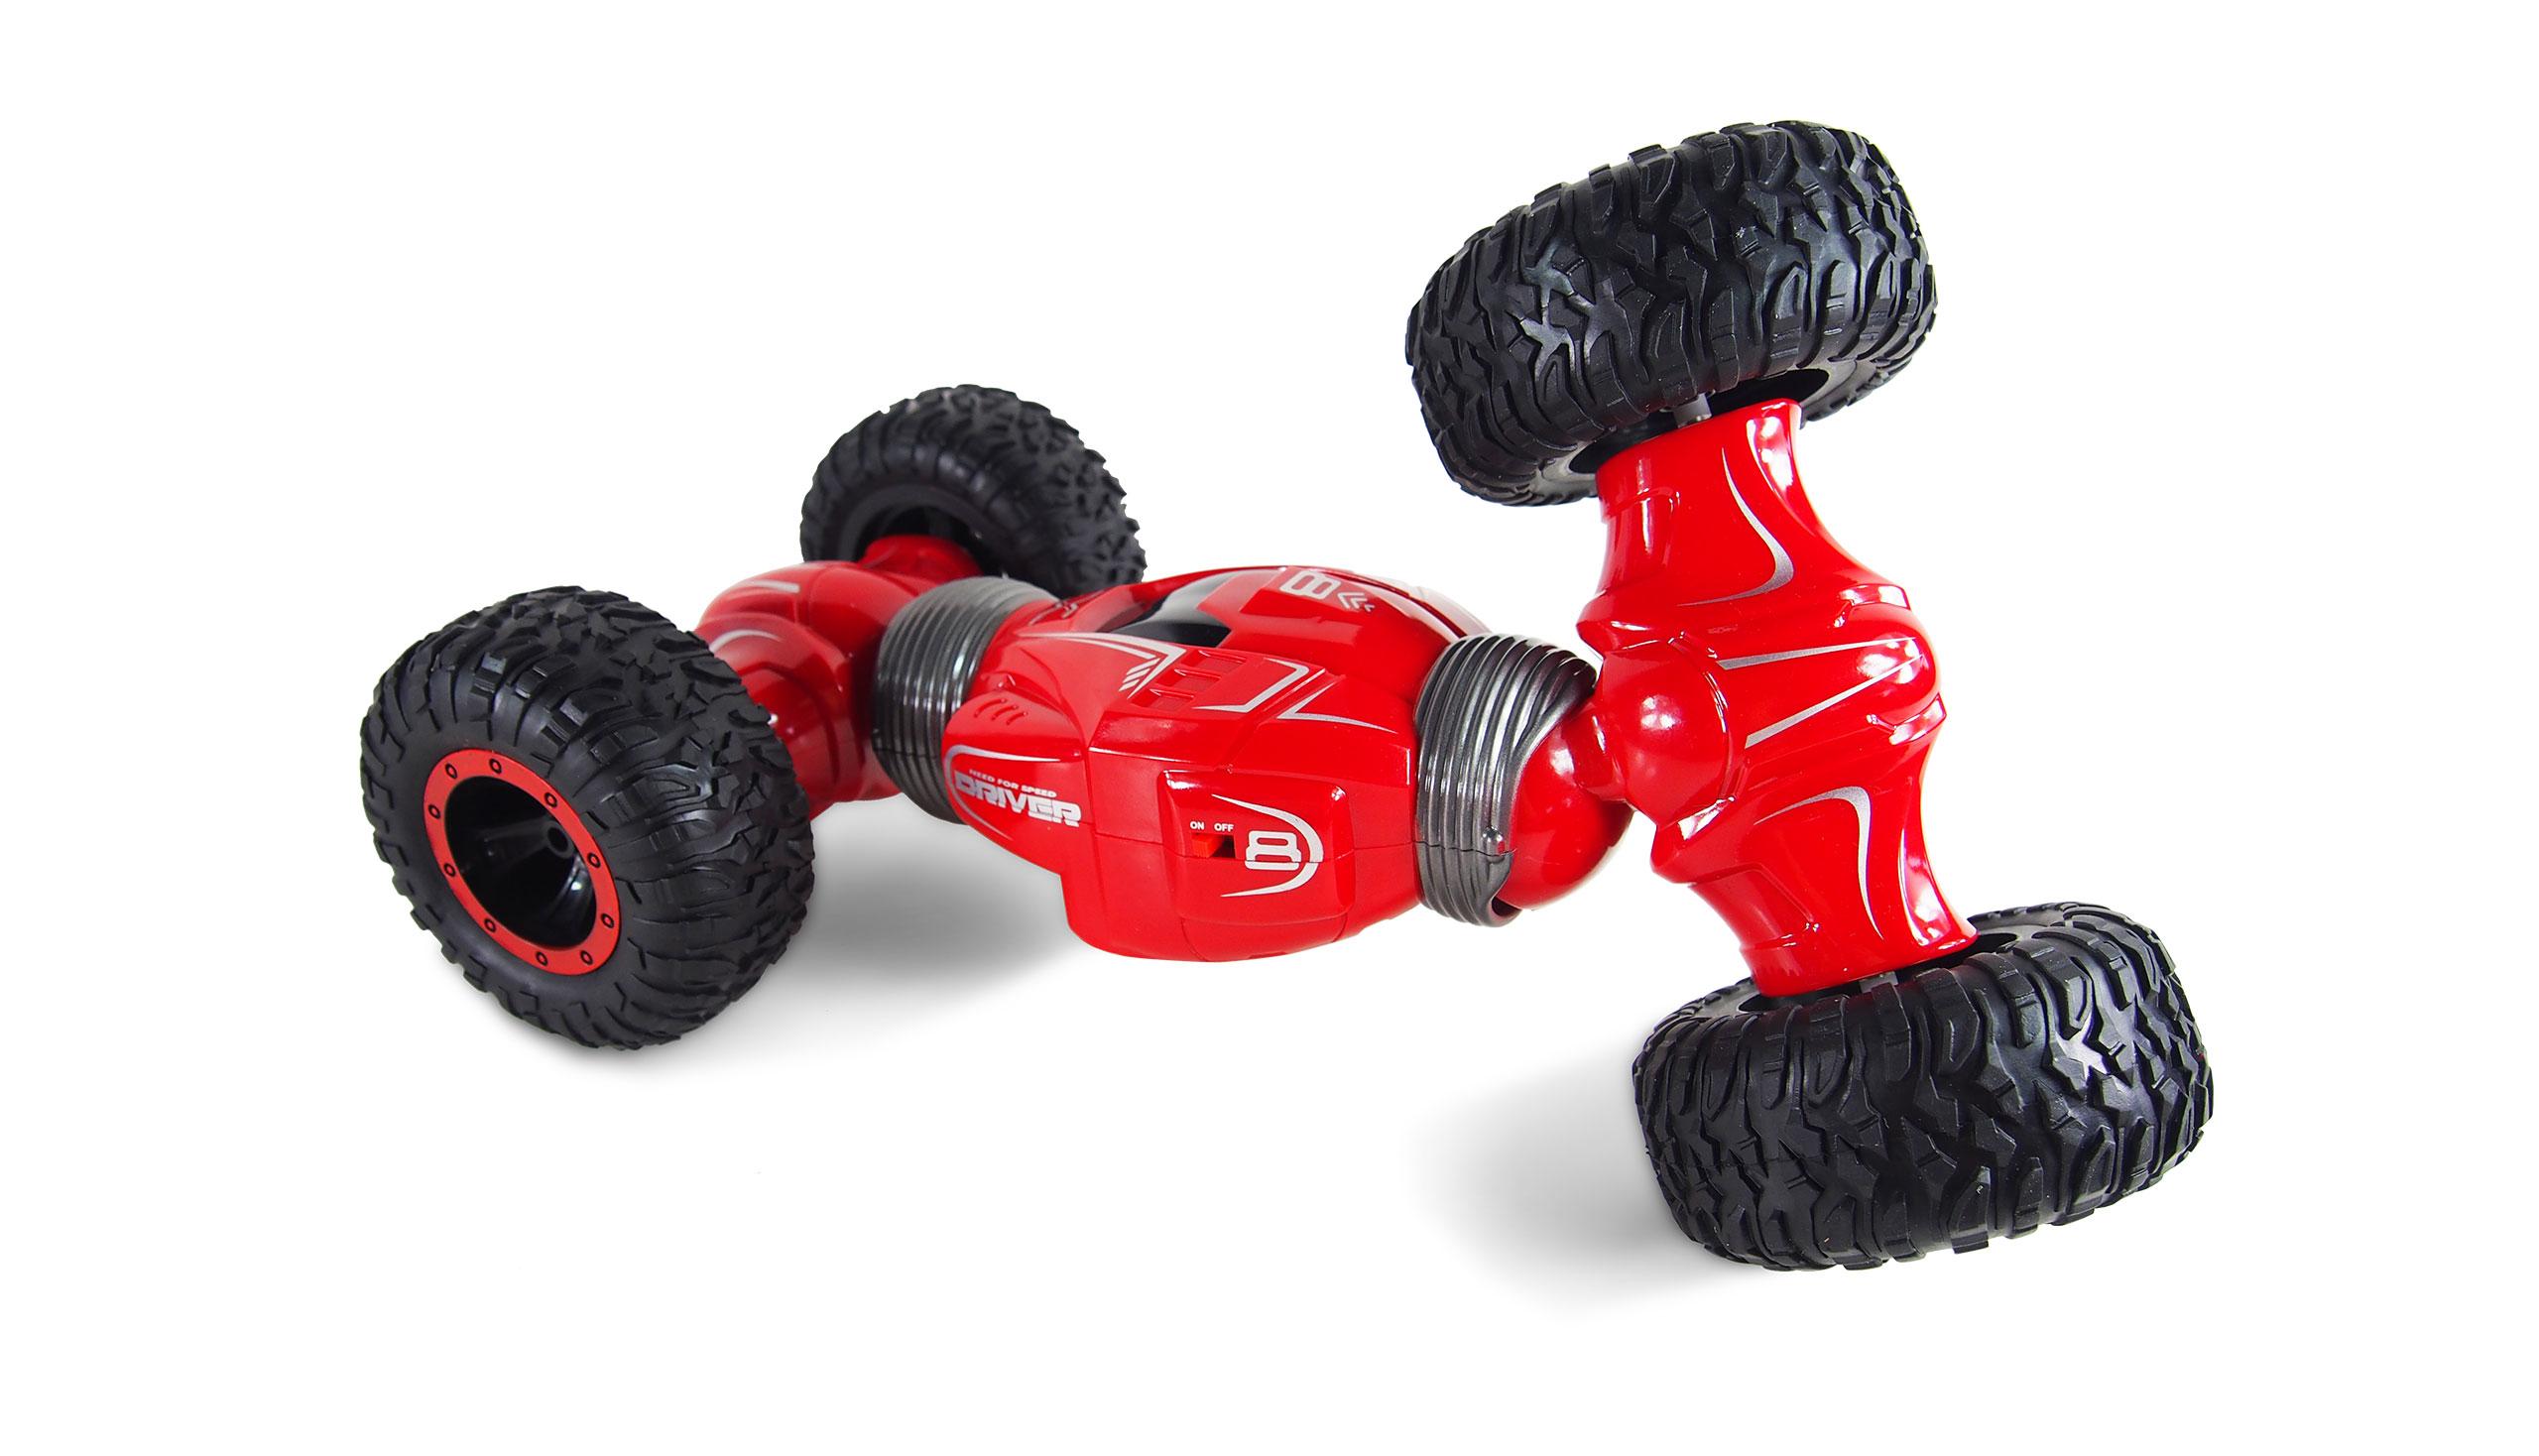 Vorschau: Amewi Twist Transformationsa - Stuntauto - 1:16 - Junge - 8 Jahr(e) - 1200 mAh - 550 g